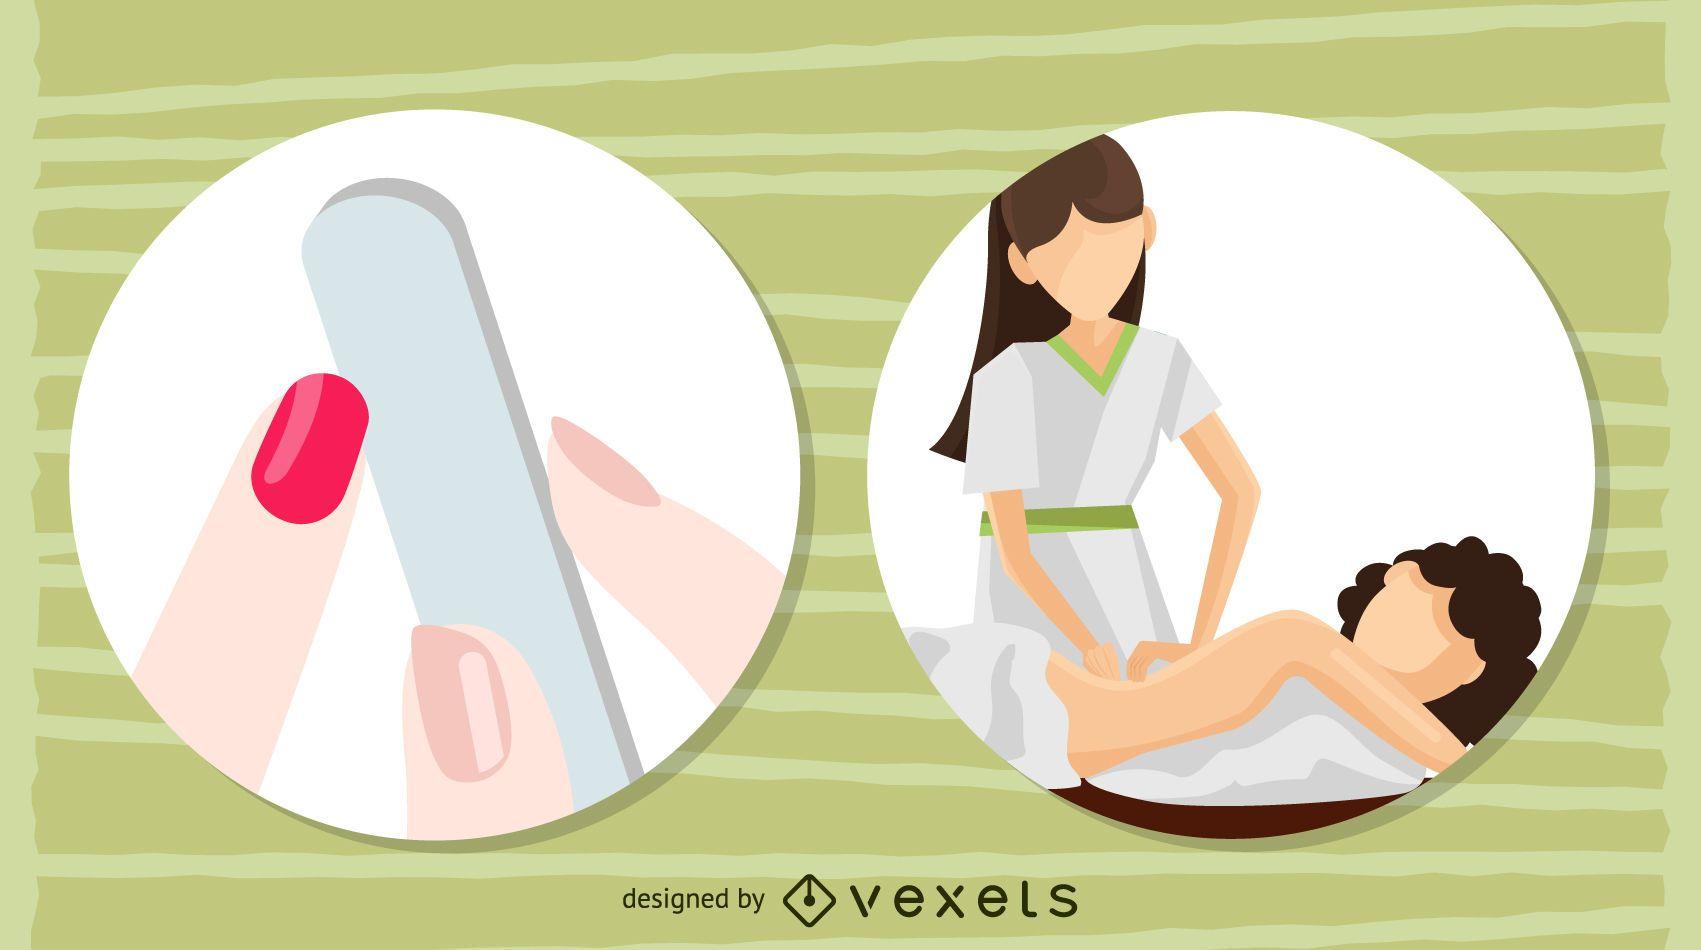 ilustraciones de manicura y masaje.